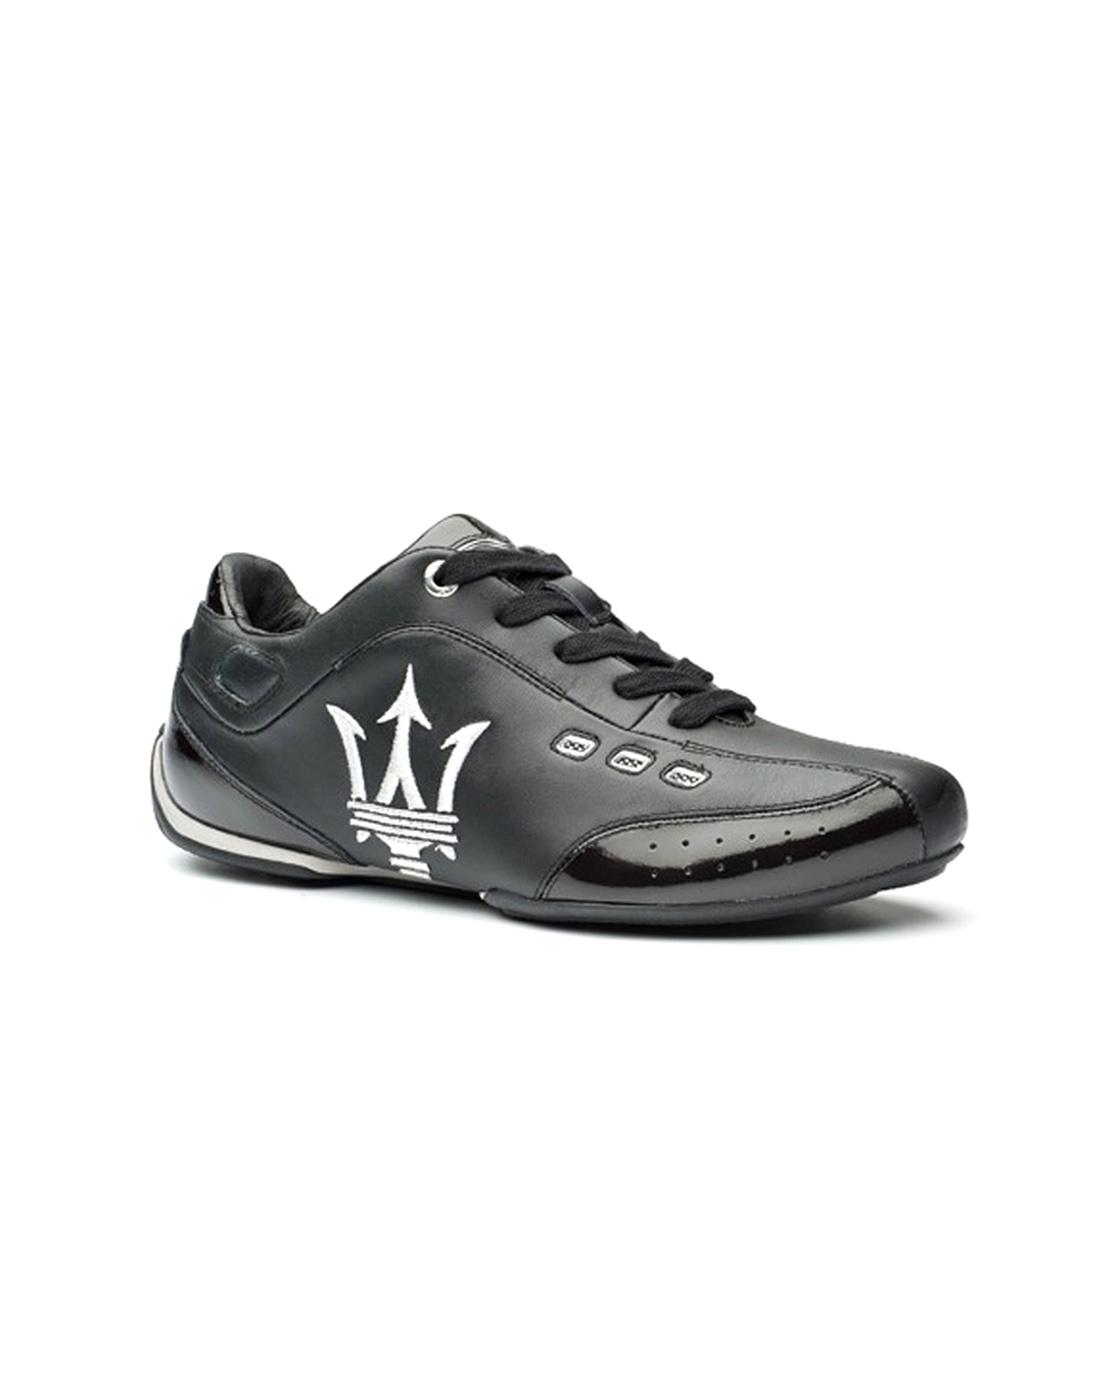 玛莎拉蒂 意大利顶级牛皮经典三叉戟运动鞋